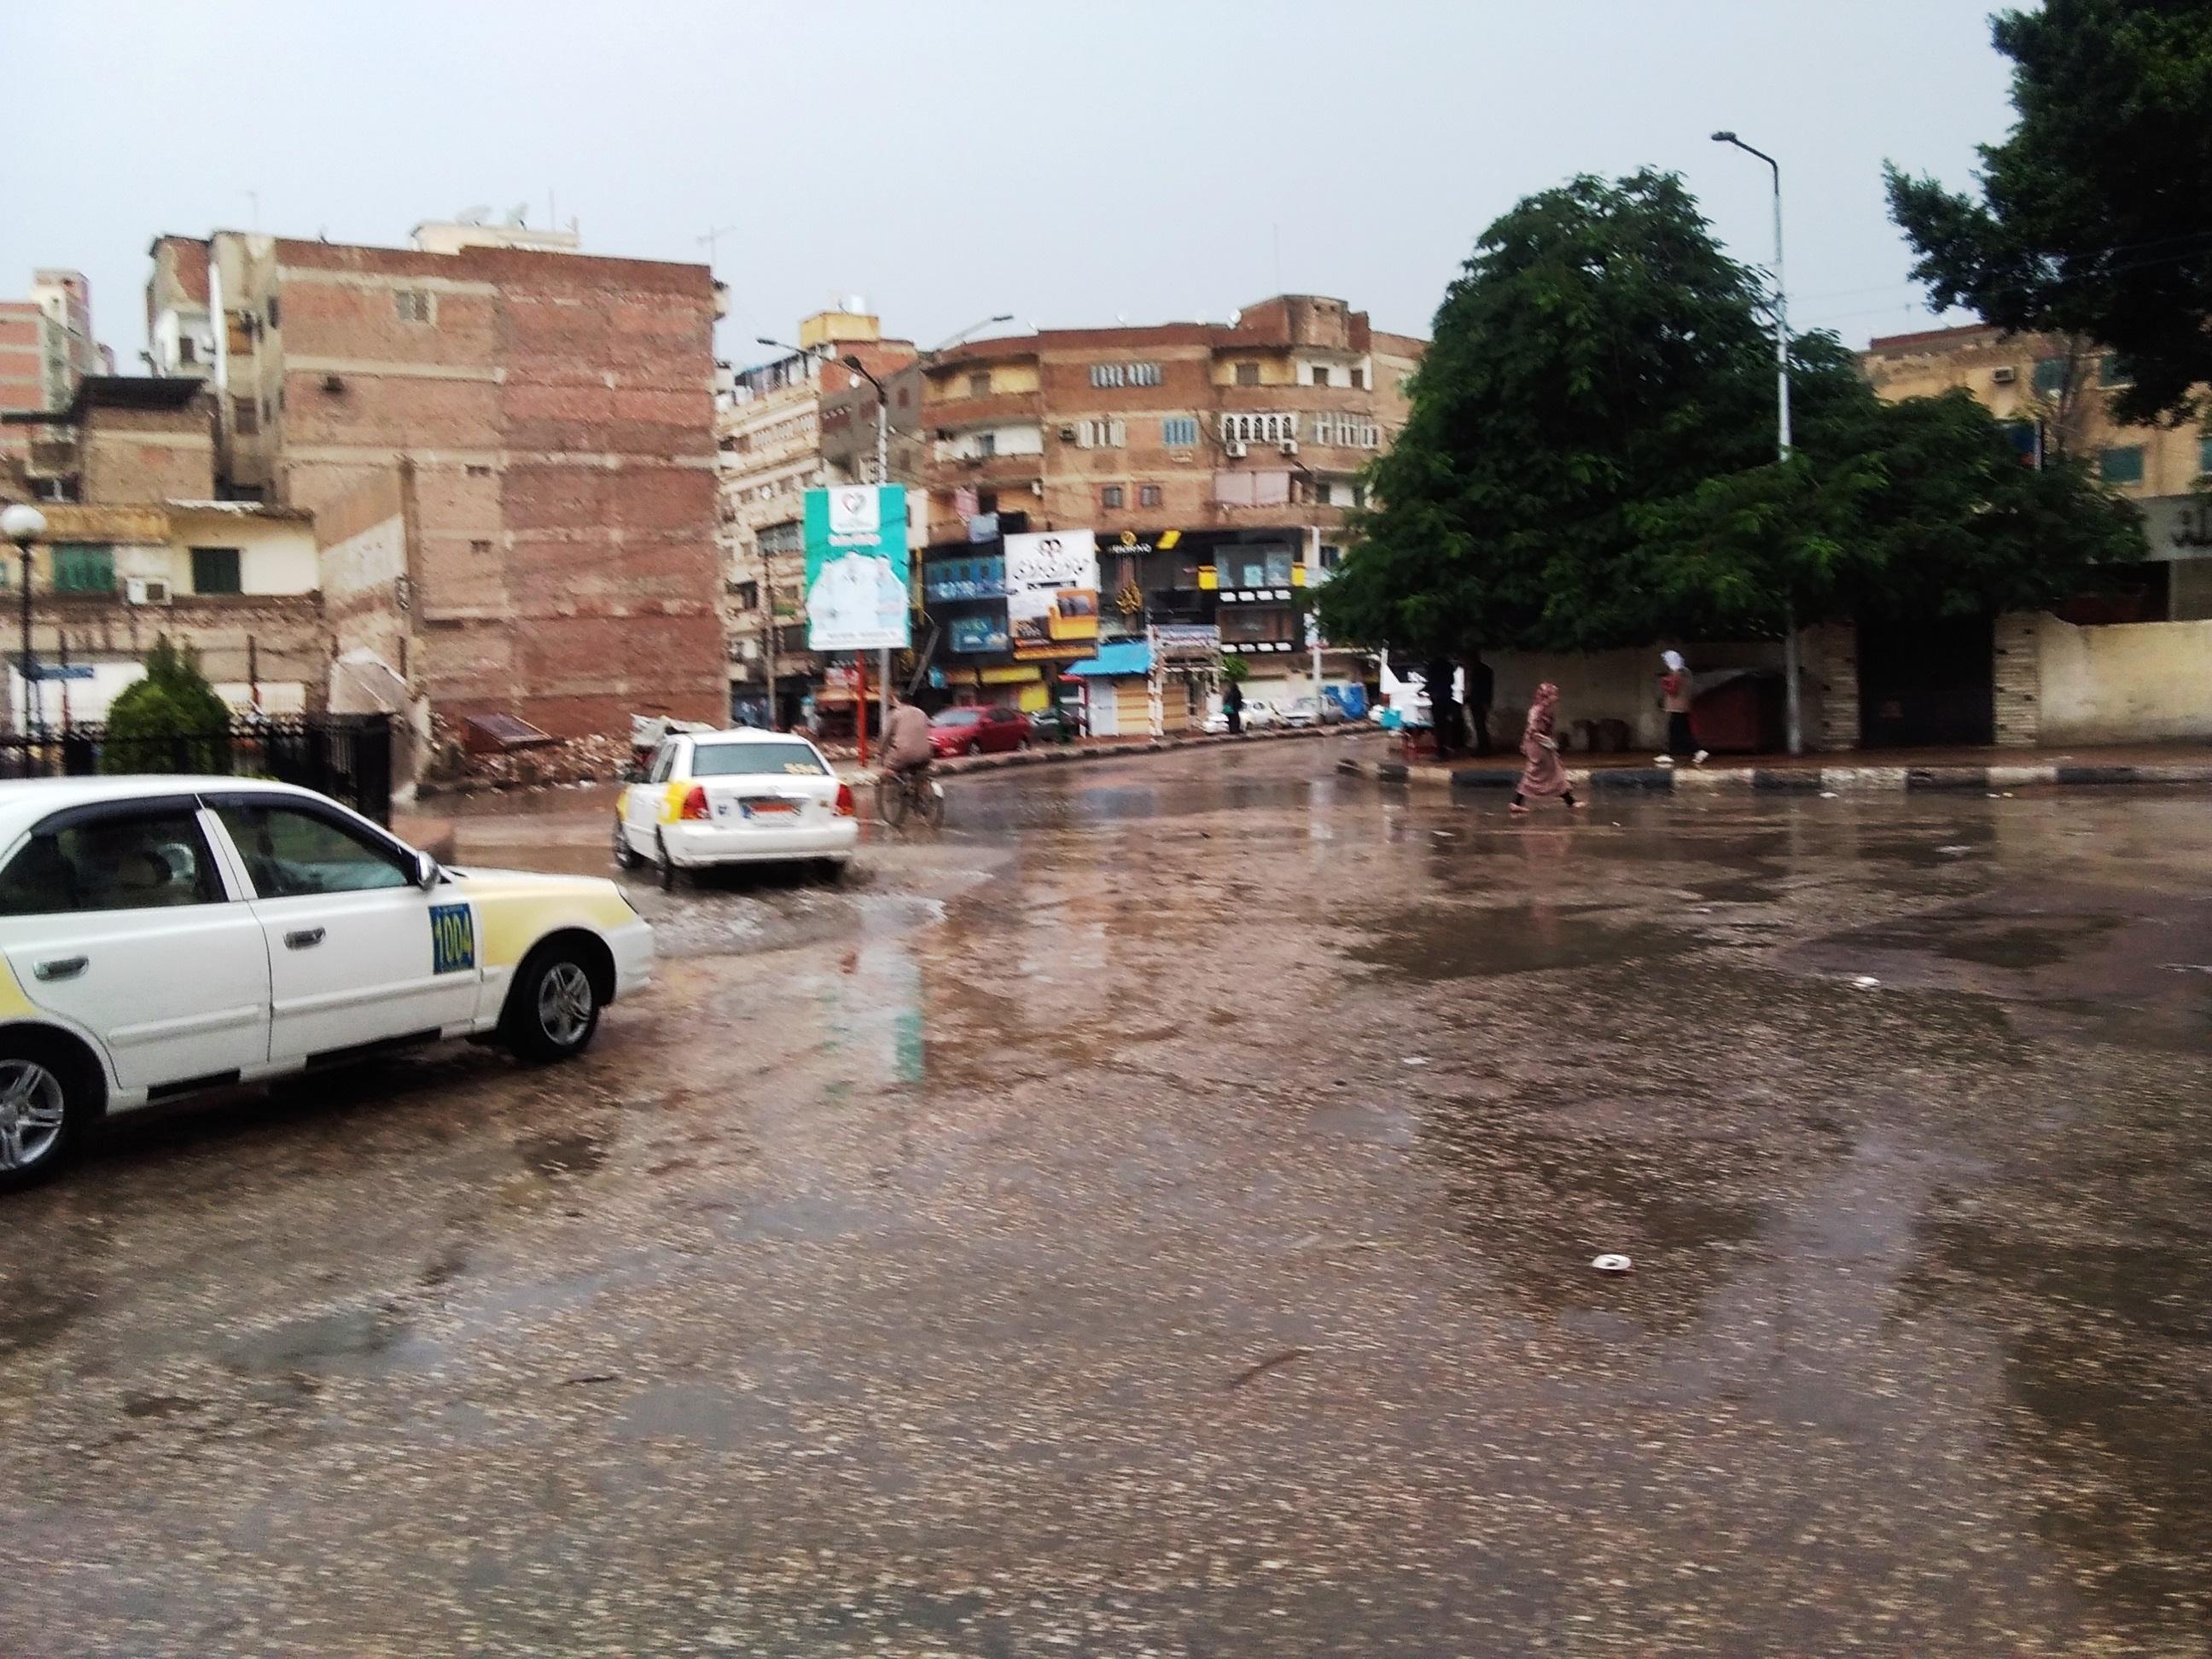 صور.. هطول أمطار رعدية بكفر الشيخ.. والمحافظ يعلن حالة الطوارئ (3)